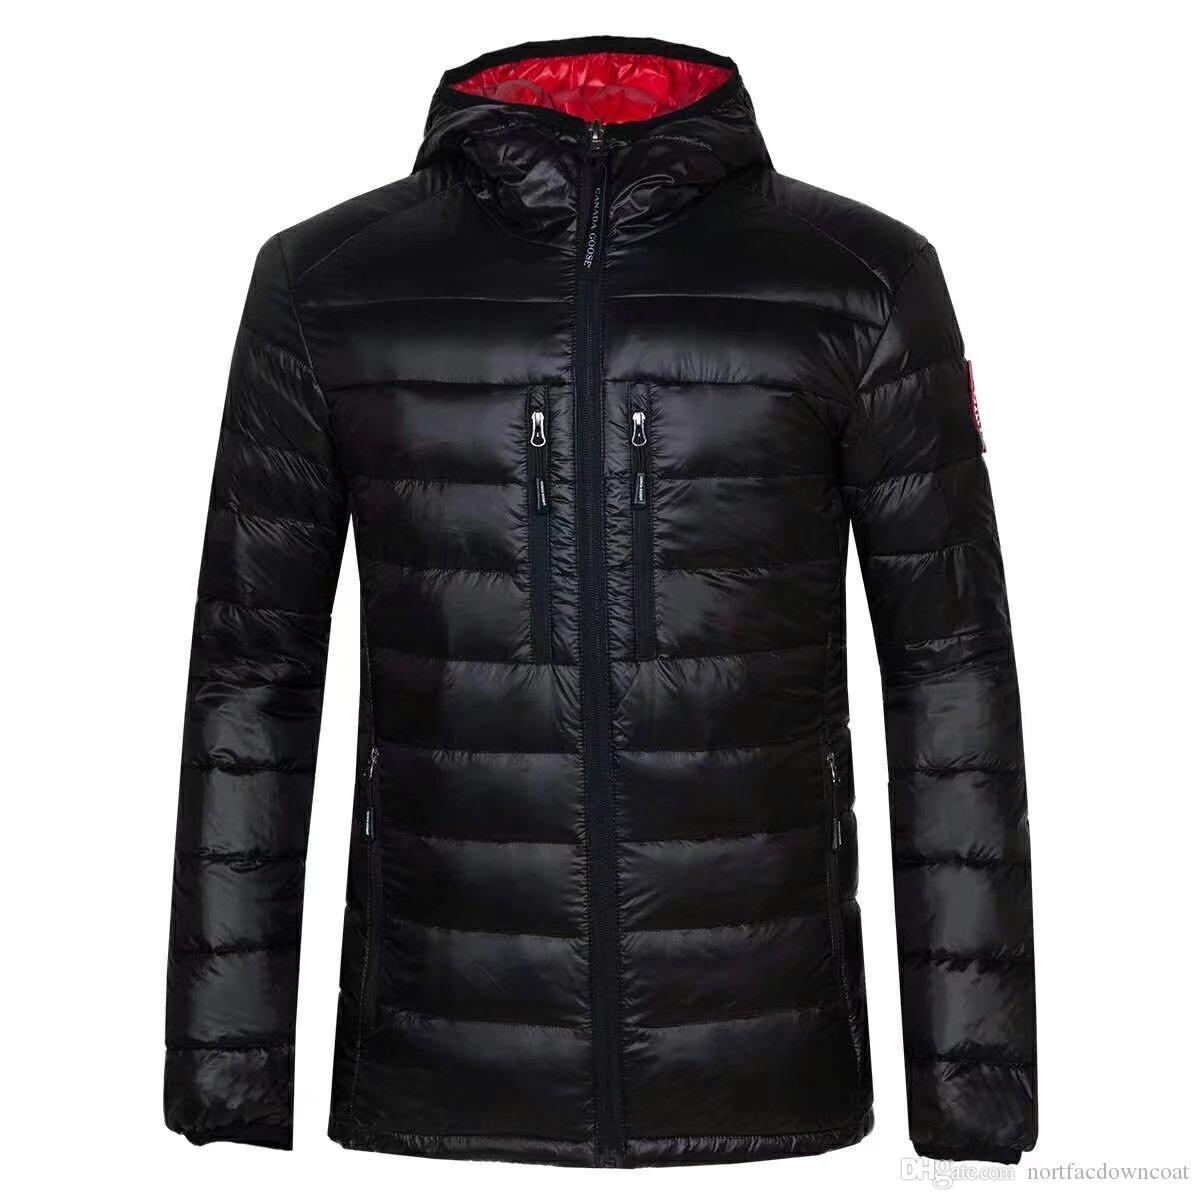 new products d2ccd 8b0f0 Giacca invernale Uomo Abbigliamento 2018 New Brand Hooded Parka Cotton  Canada Coat Uomo Mantenere caldo giacche d oca Cappotti moda 7696